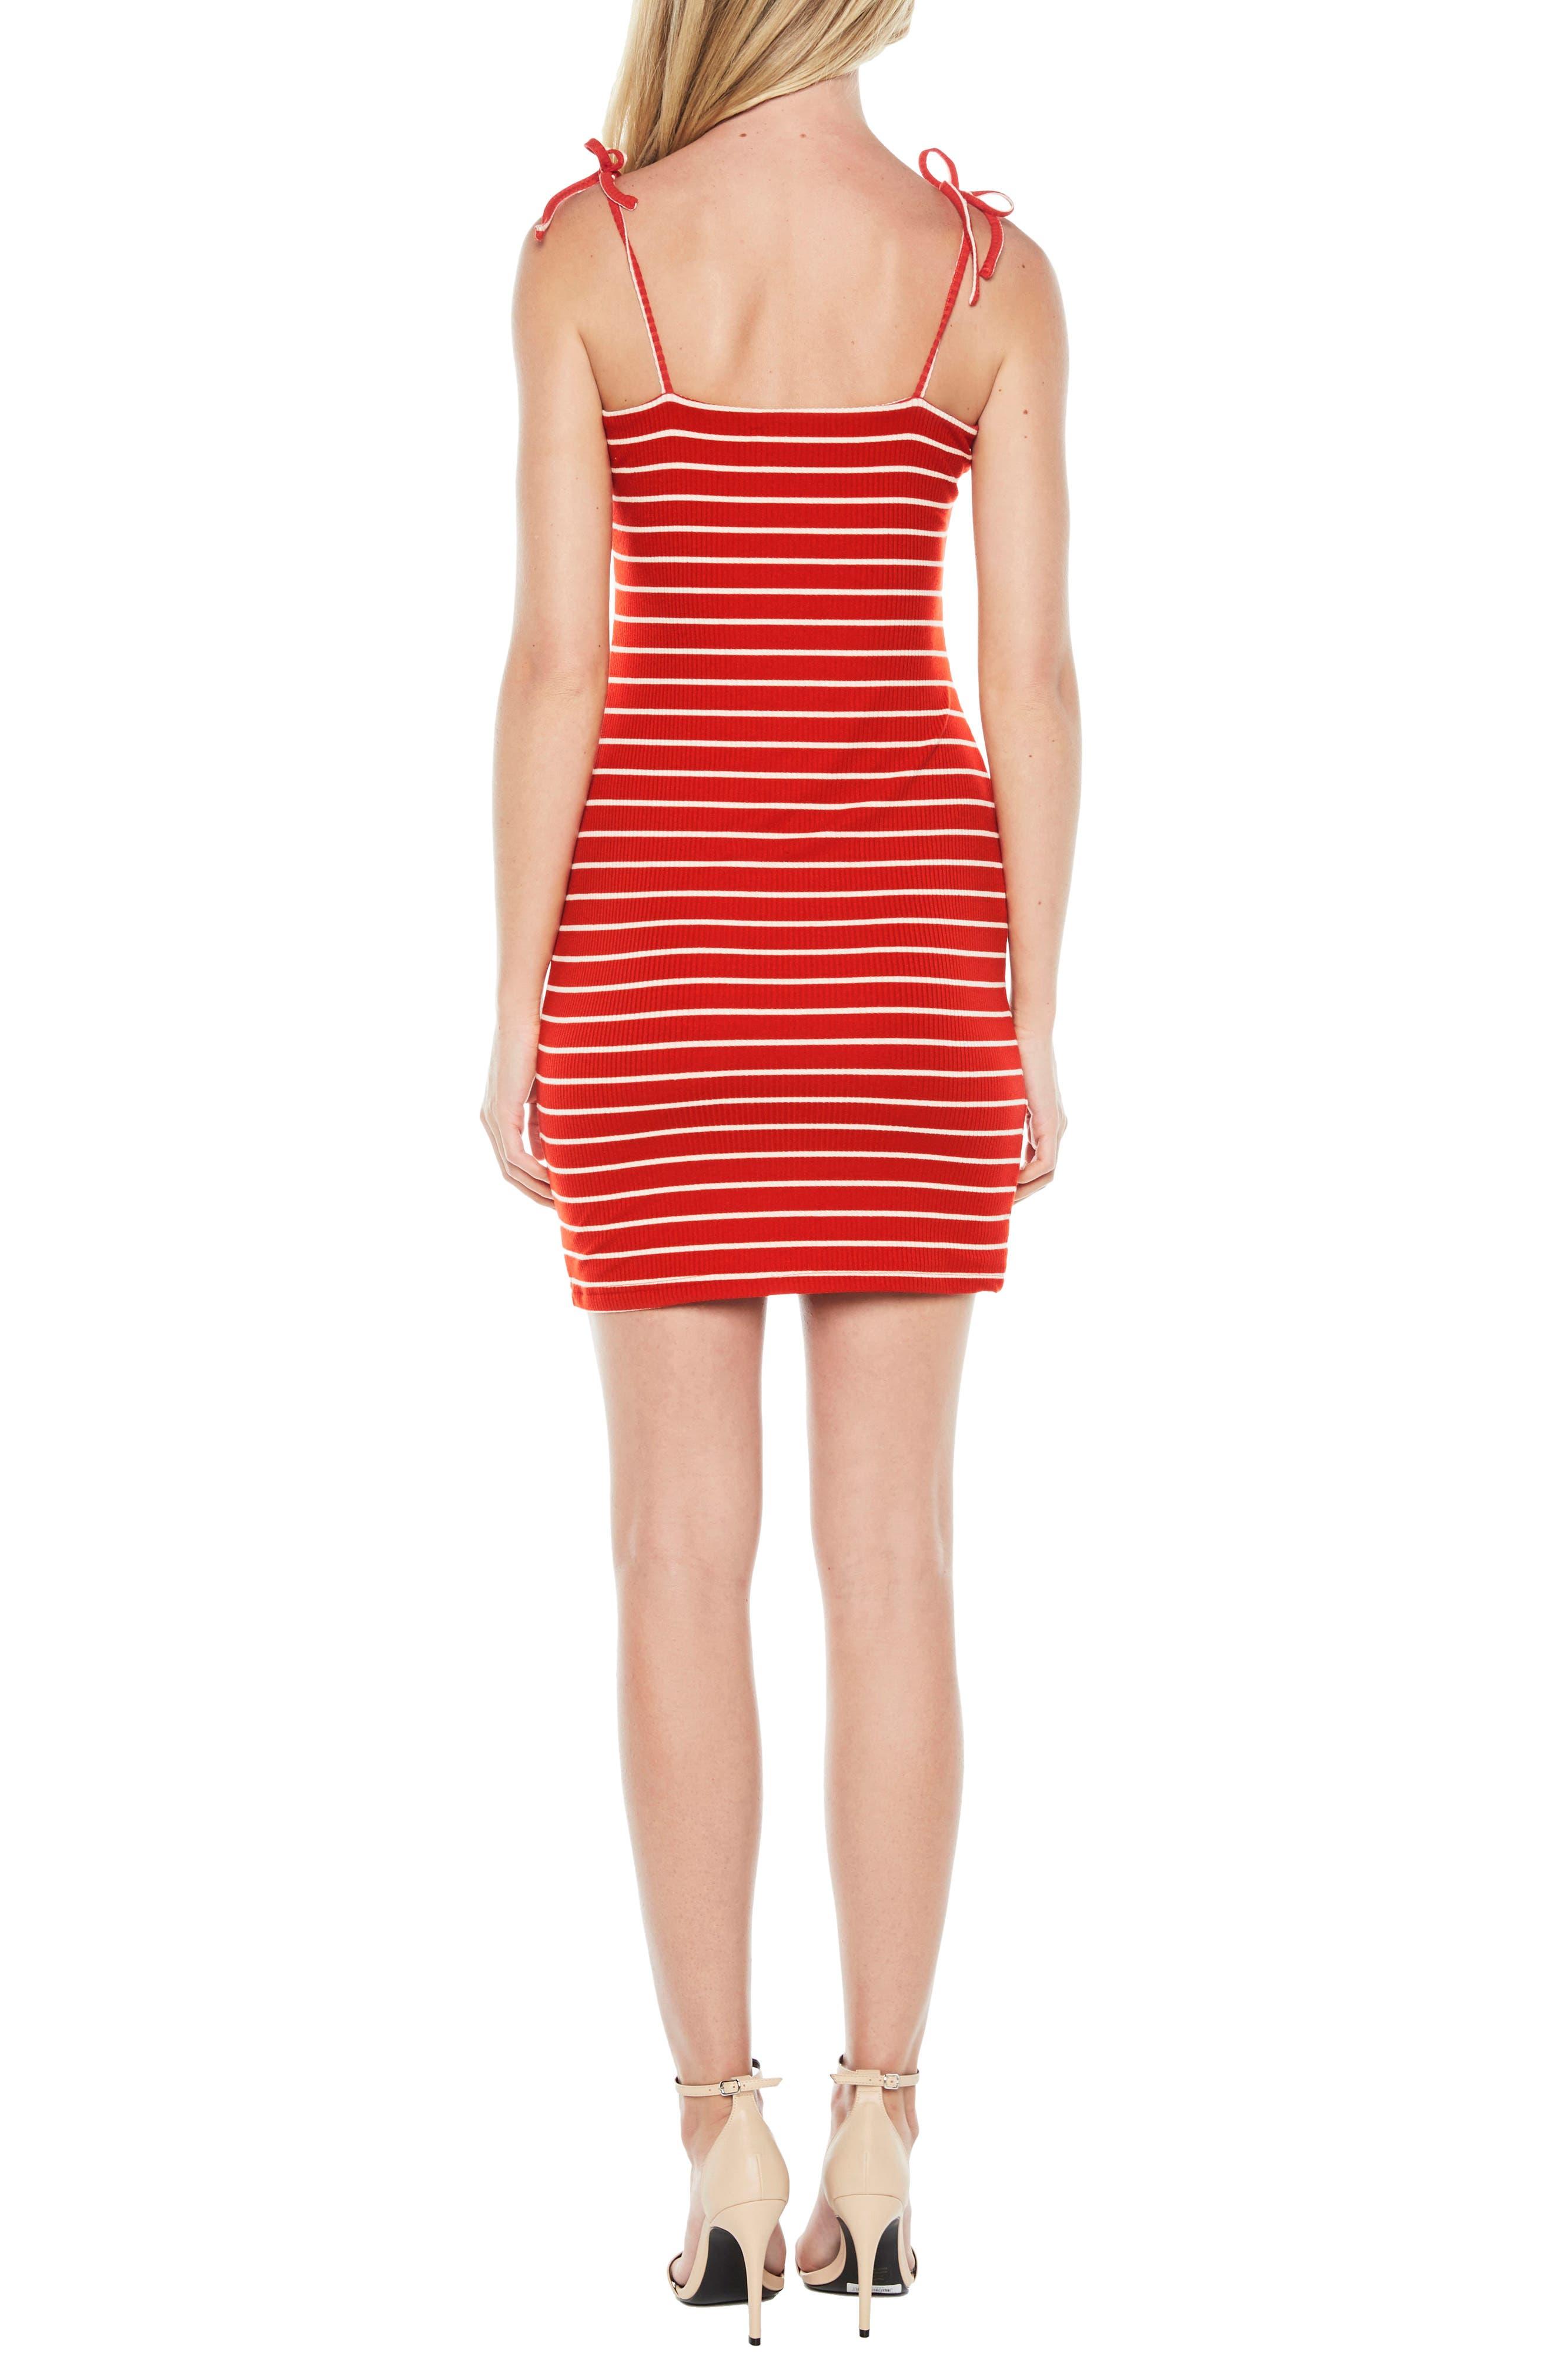 Romy Tie Strap Tube Dress,                             Alternate thumbnail 2, color,                             Red/ White Stripe